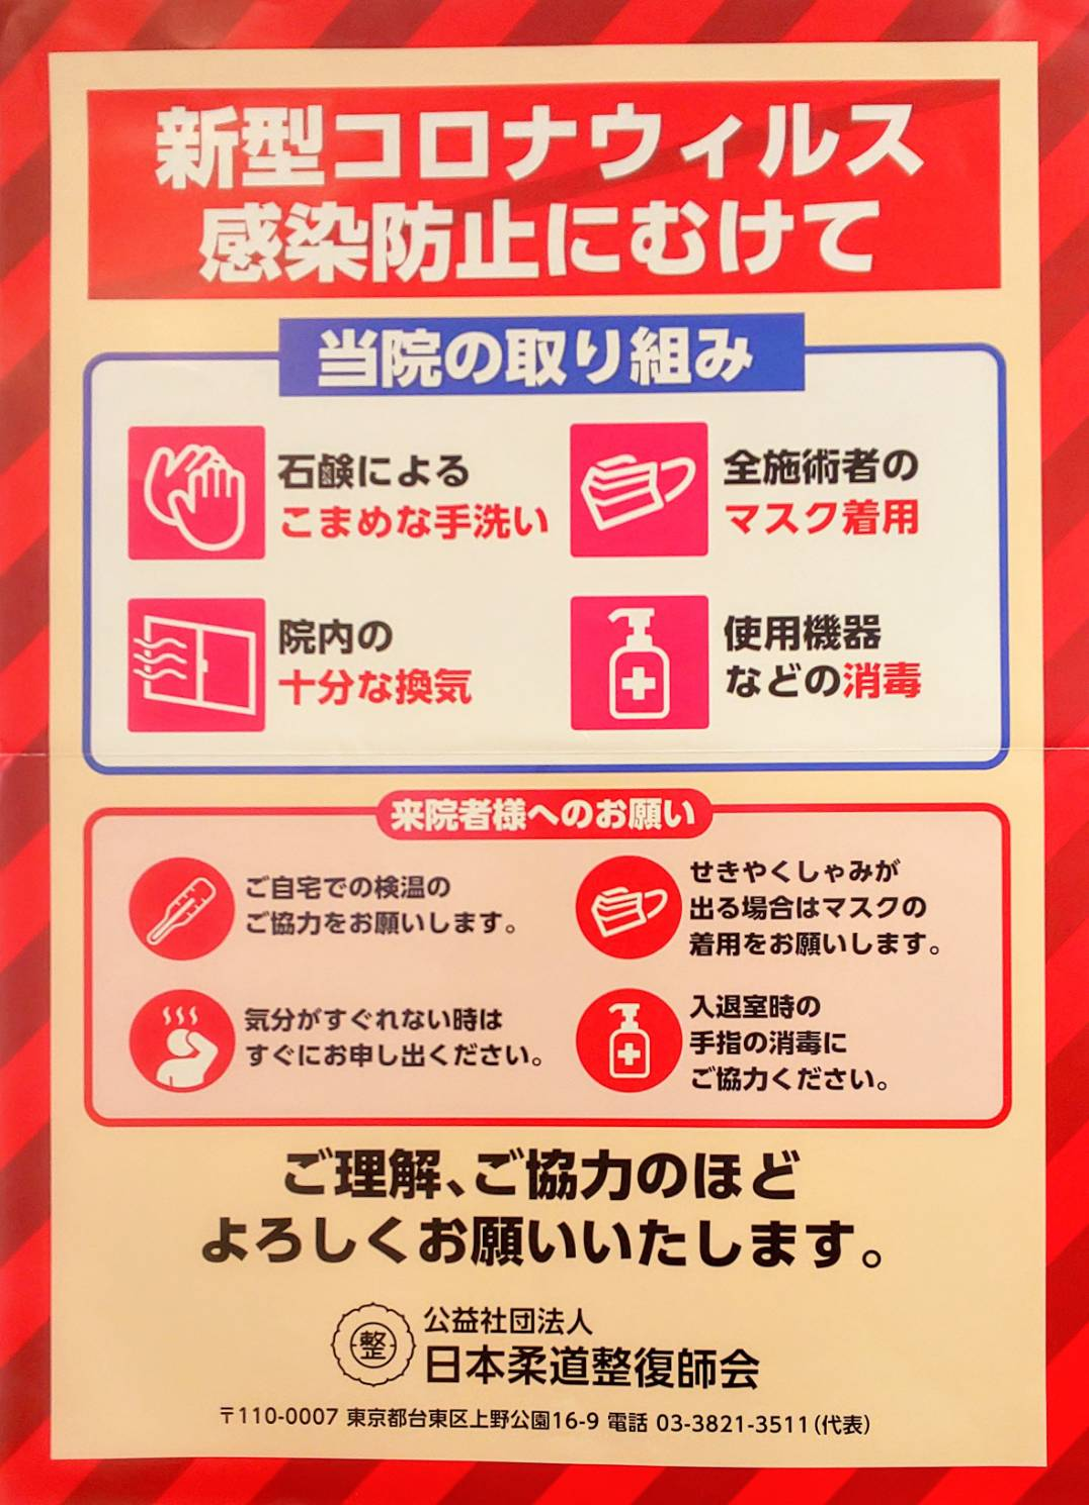 【コロナウイルス感染防止にむけて】